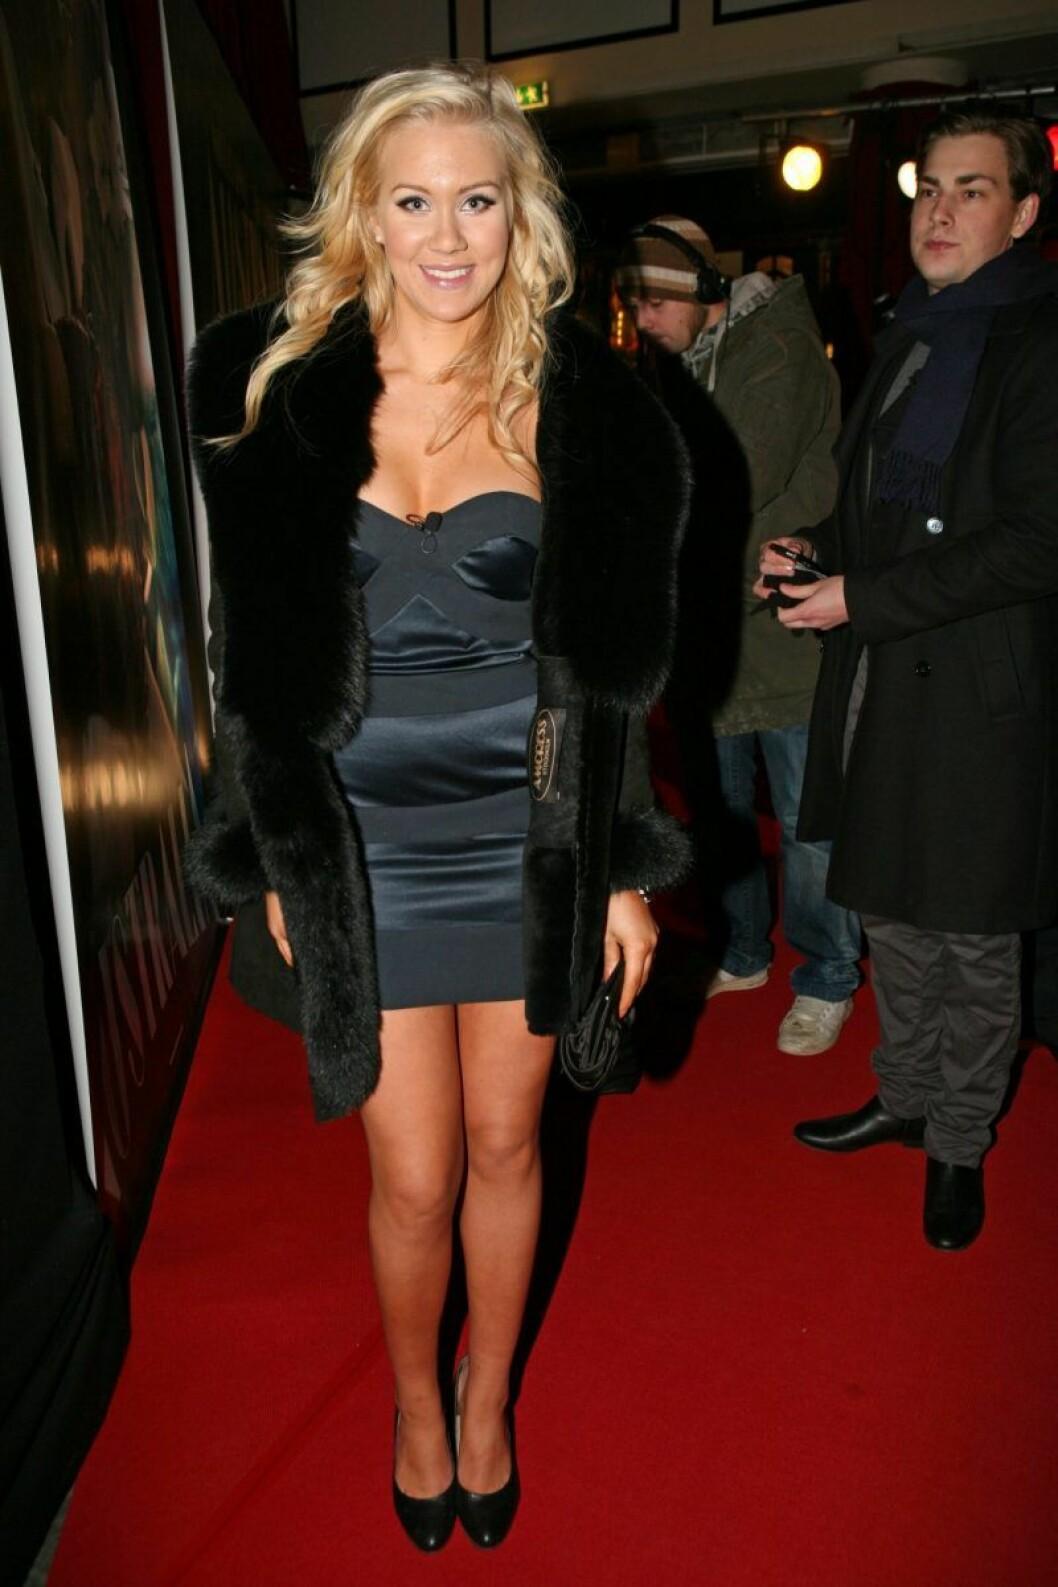 Isabella Löwengrip i svart klänning och svart pälsjacka